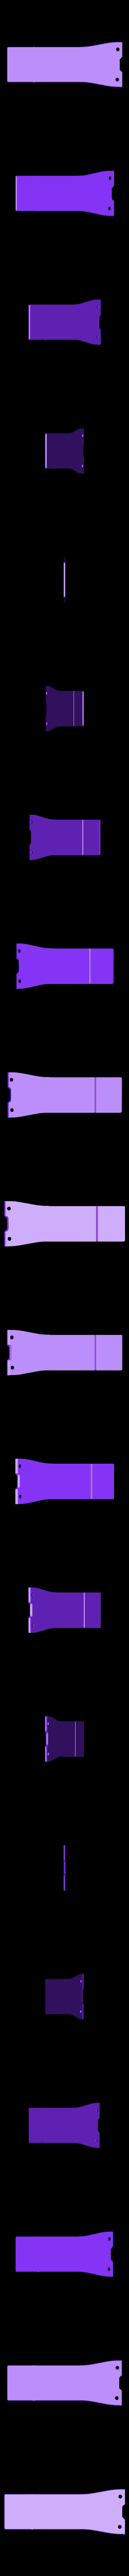 Front_Bay_Cover_Blank.stl Descargar archivo STL Ritewing Nano Drak Print Bundle • Objeto imprimible en 3D, RobsLoco